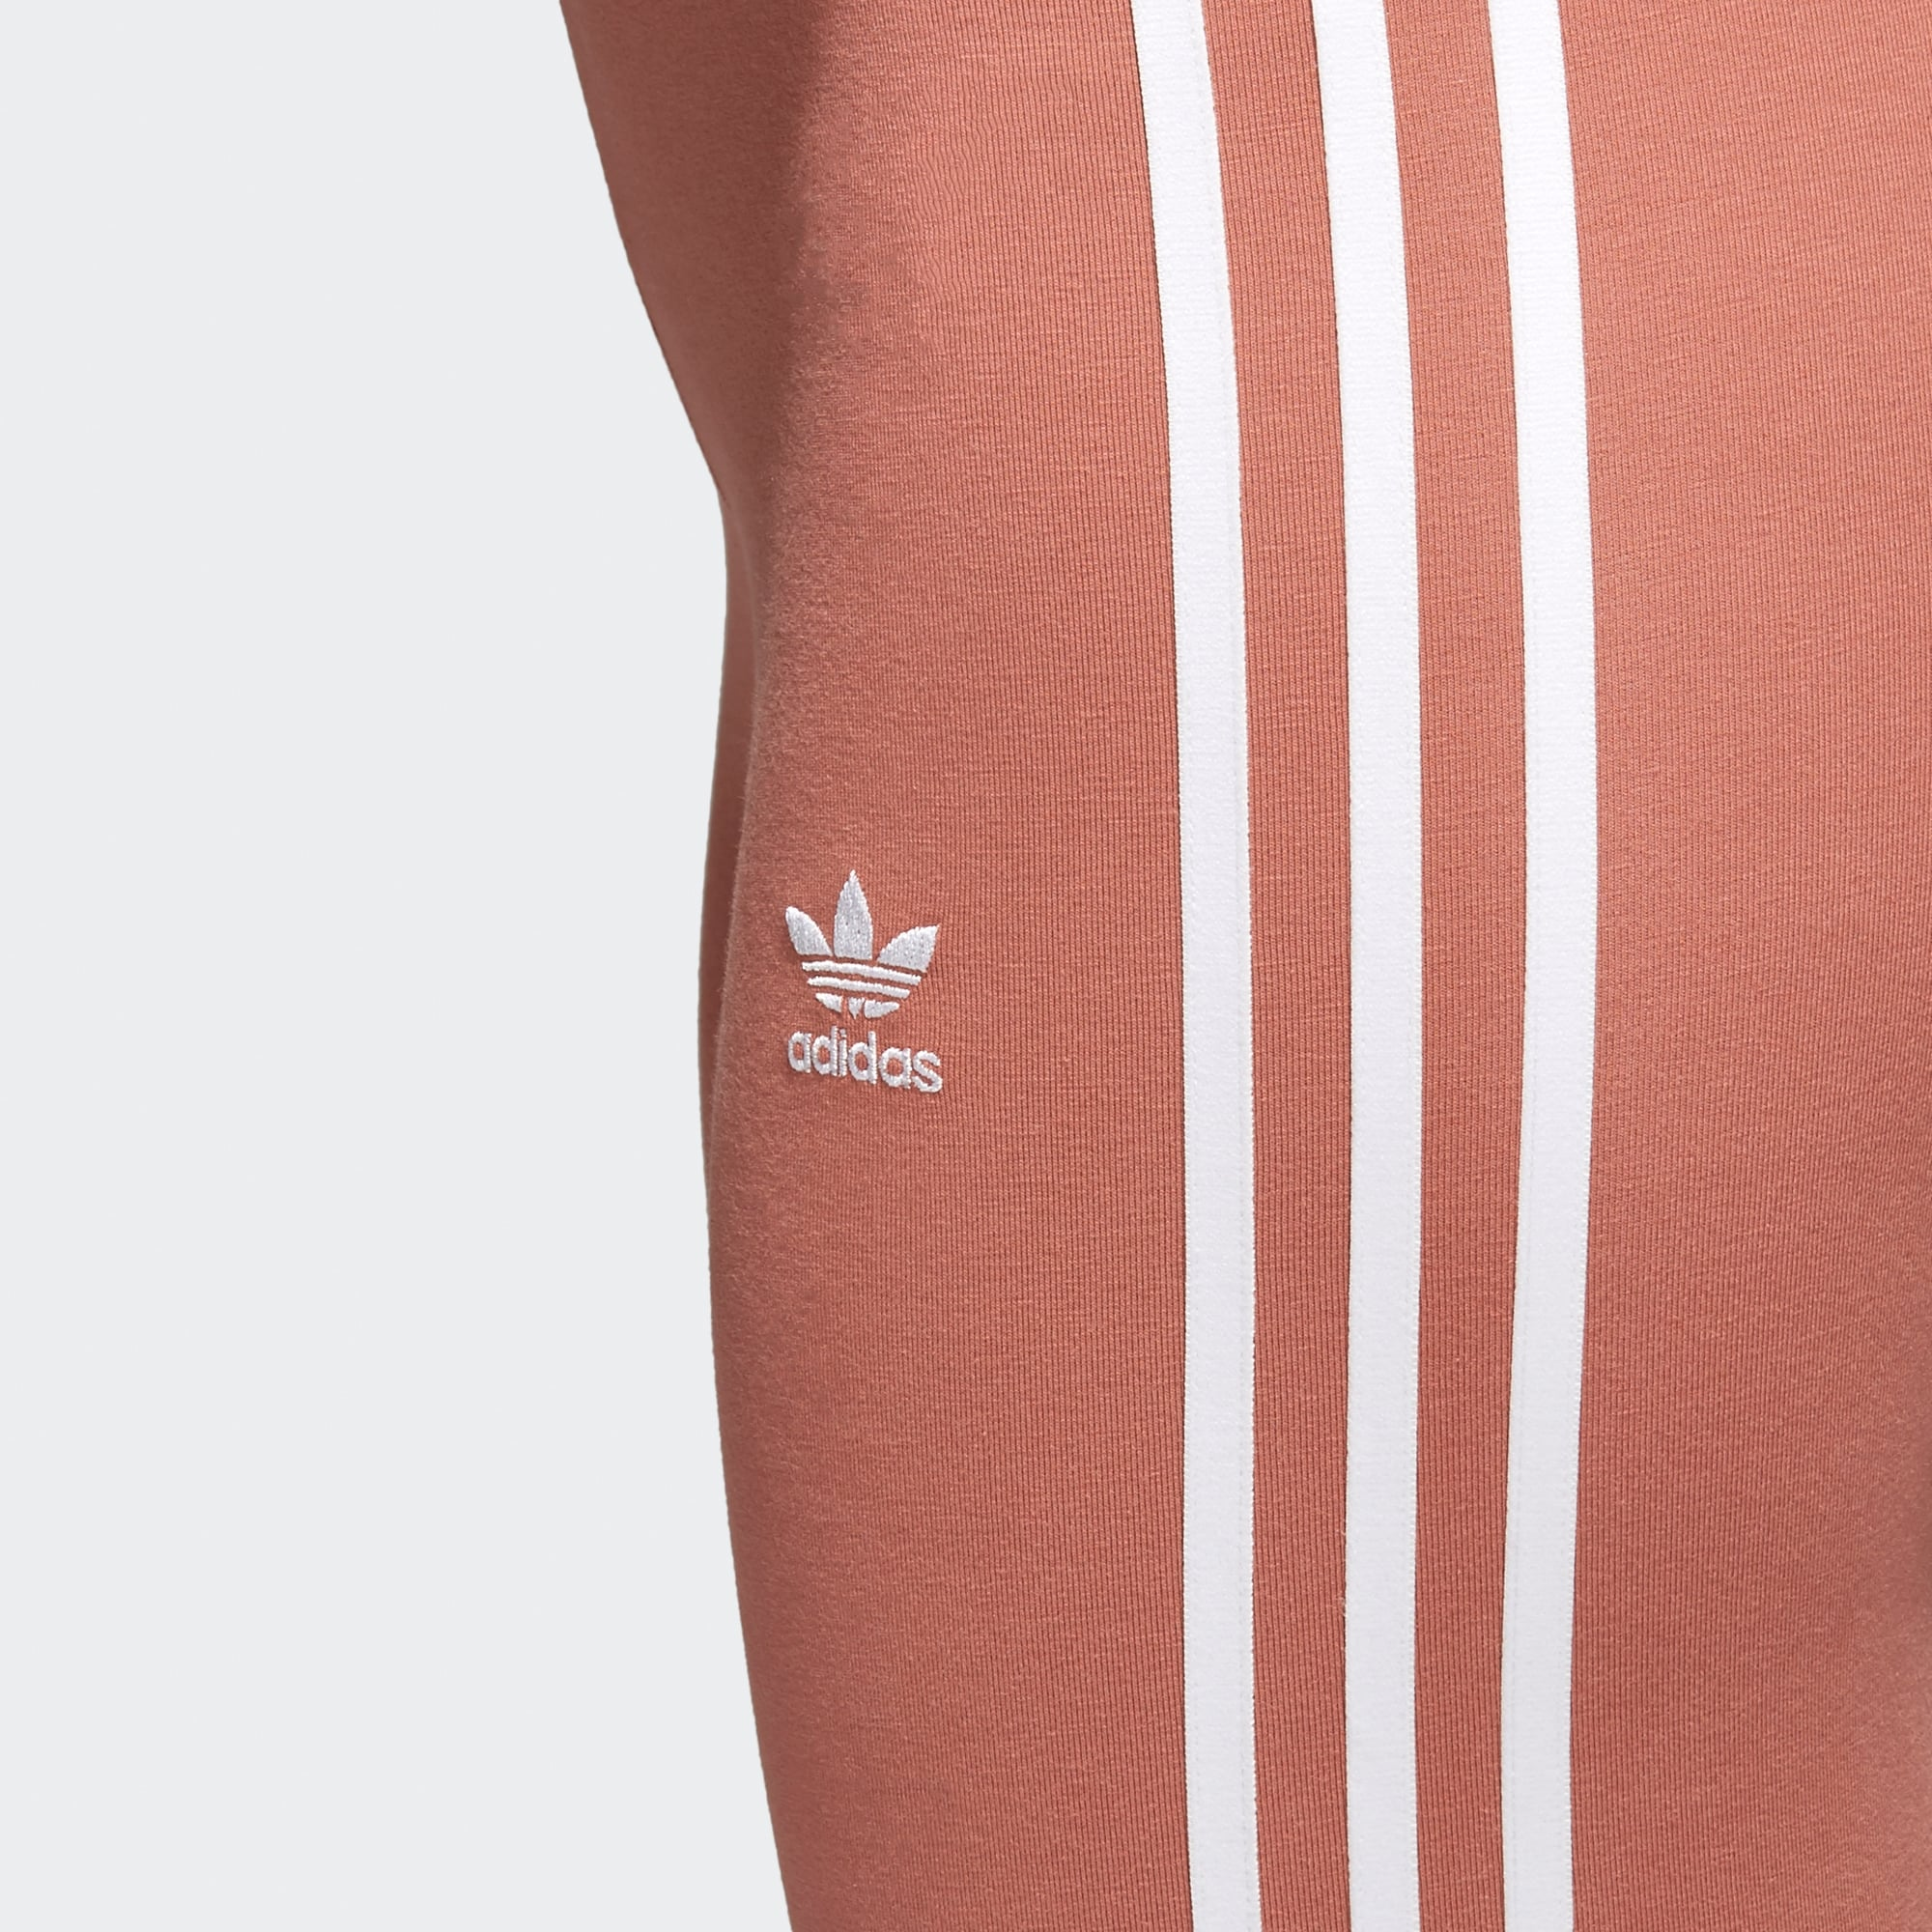 ad8a401516e07b Adidas Originals Ash Pink 3-Stripes Tights | CE2444